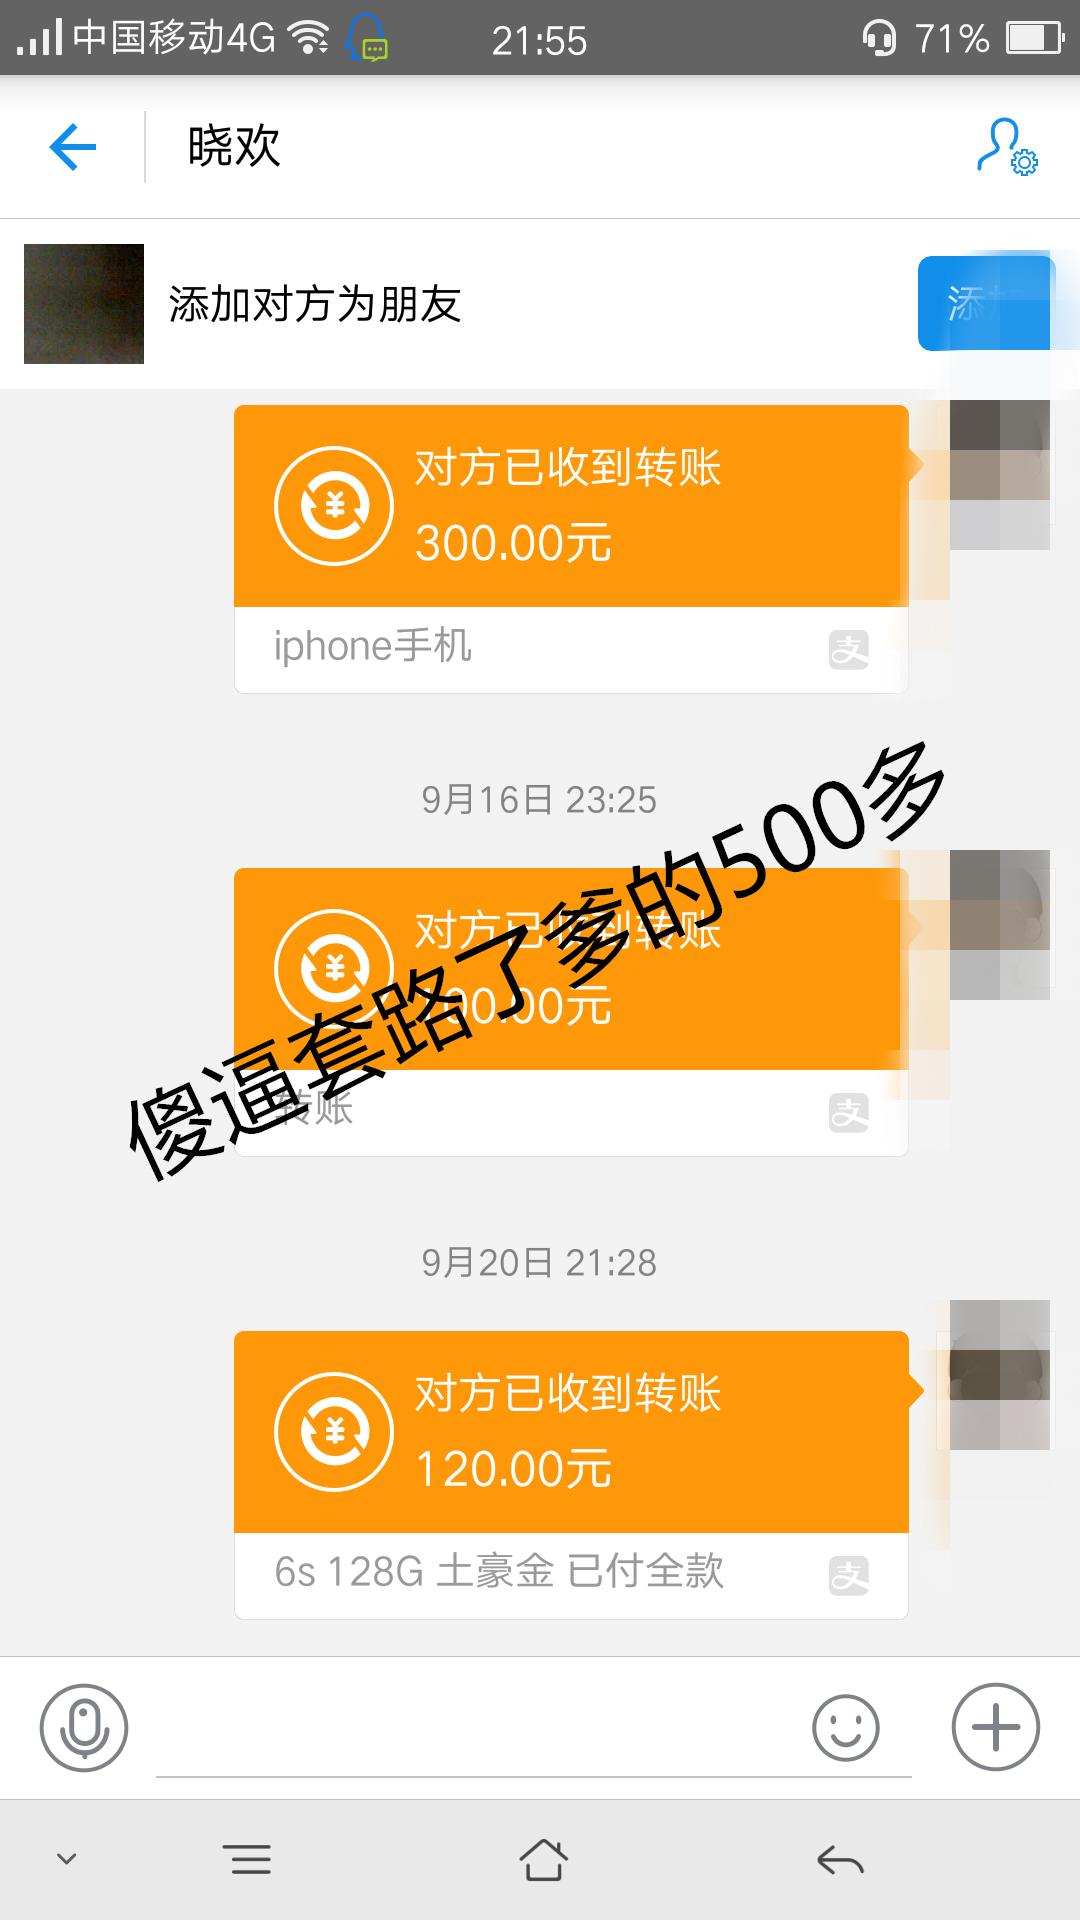 Screenshot_2016-09-26-21-55-20-04_副本.png